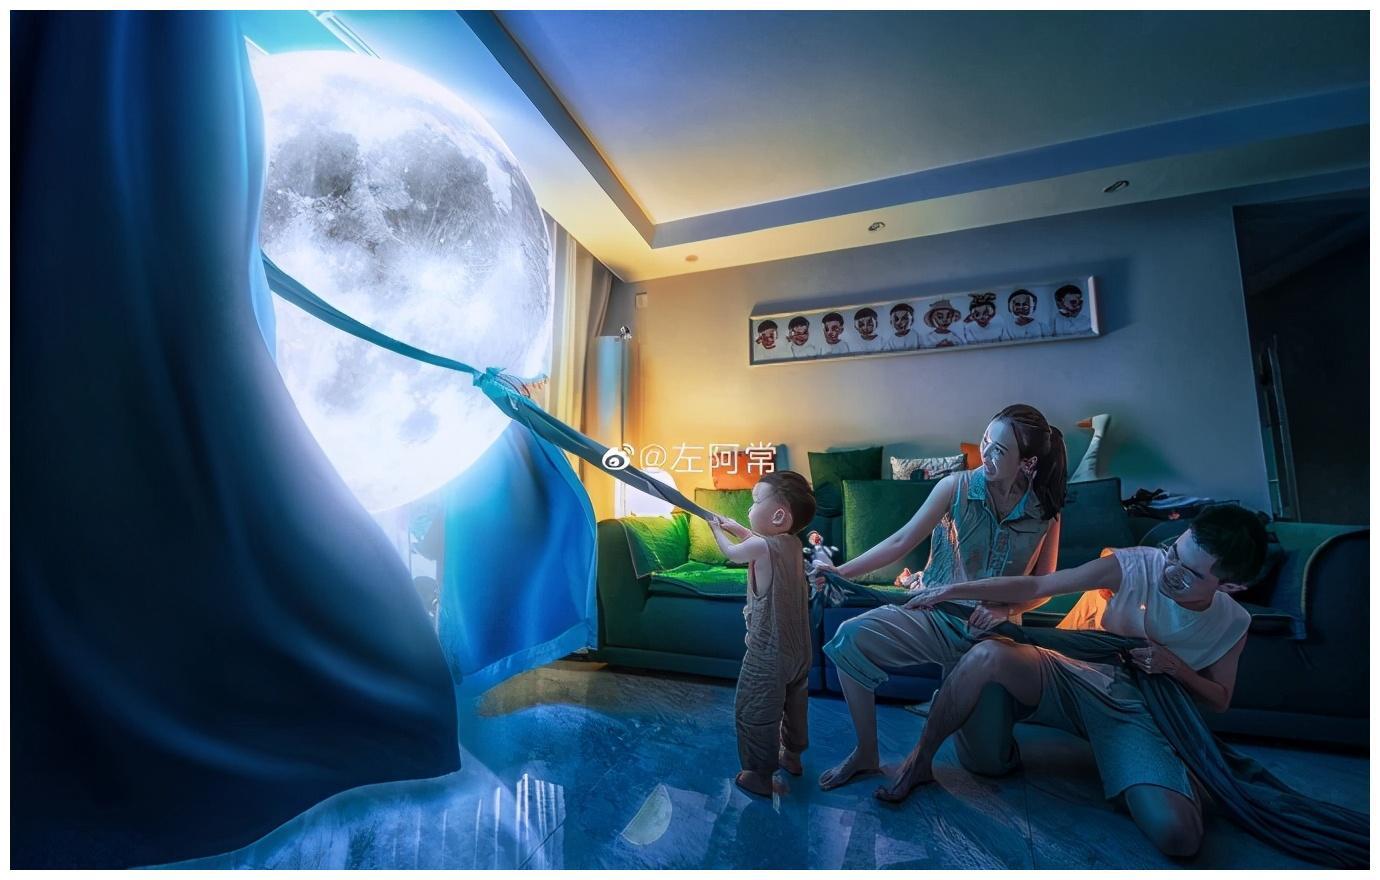 주어아창이 아들의 꿈을 실현시켜 주기 위해 달을 집까지 끌어온 합성 사진. [웨이보 캡처]